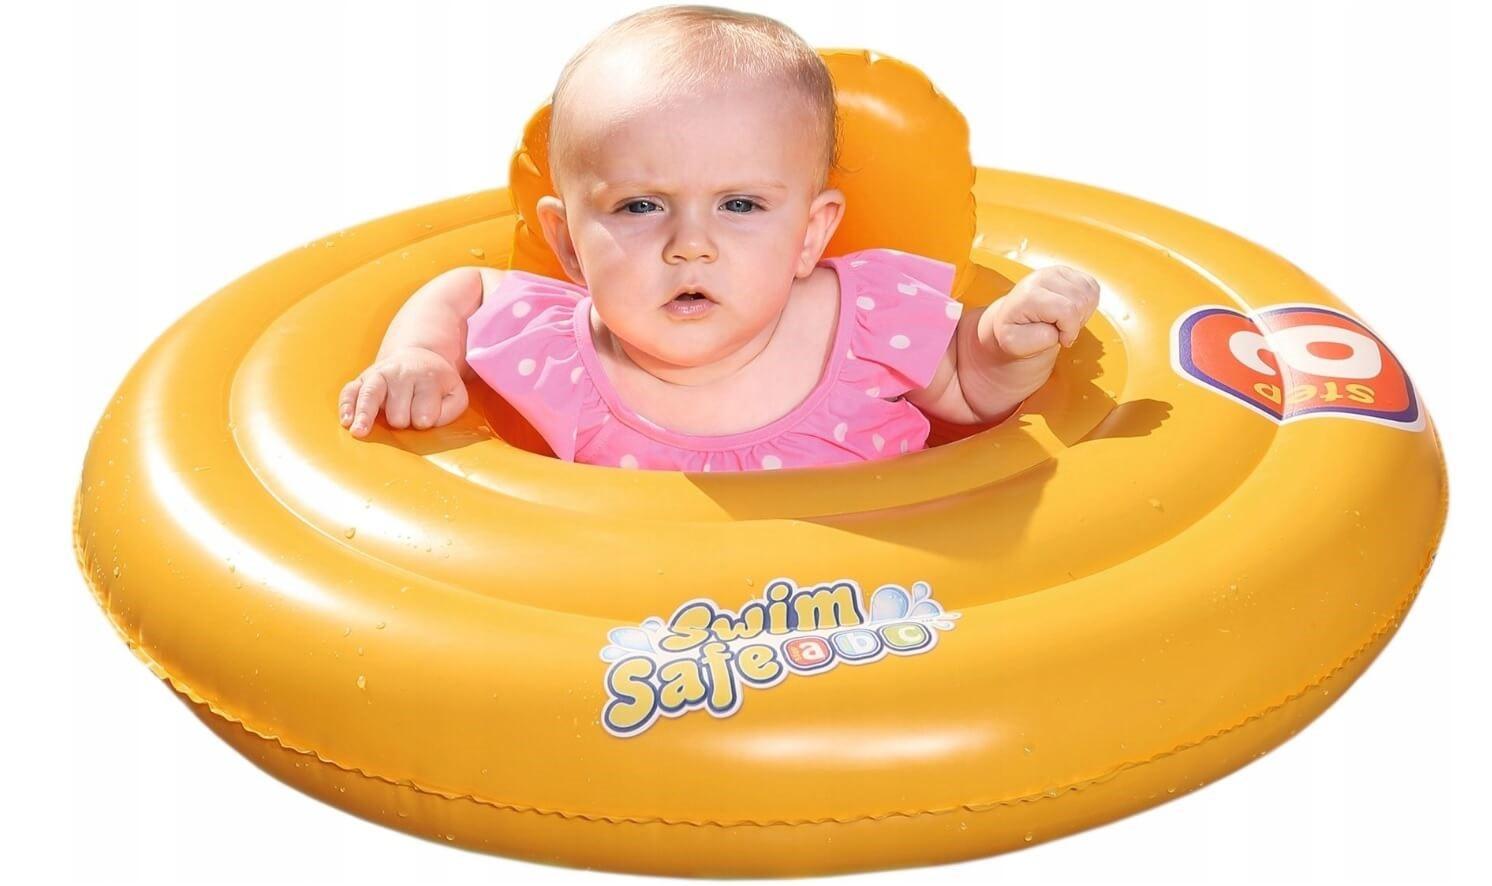 kółko do basenu dla małego dziecka